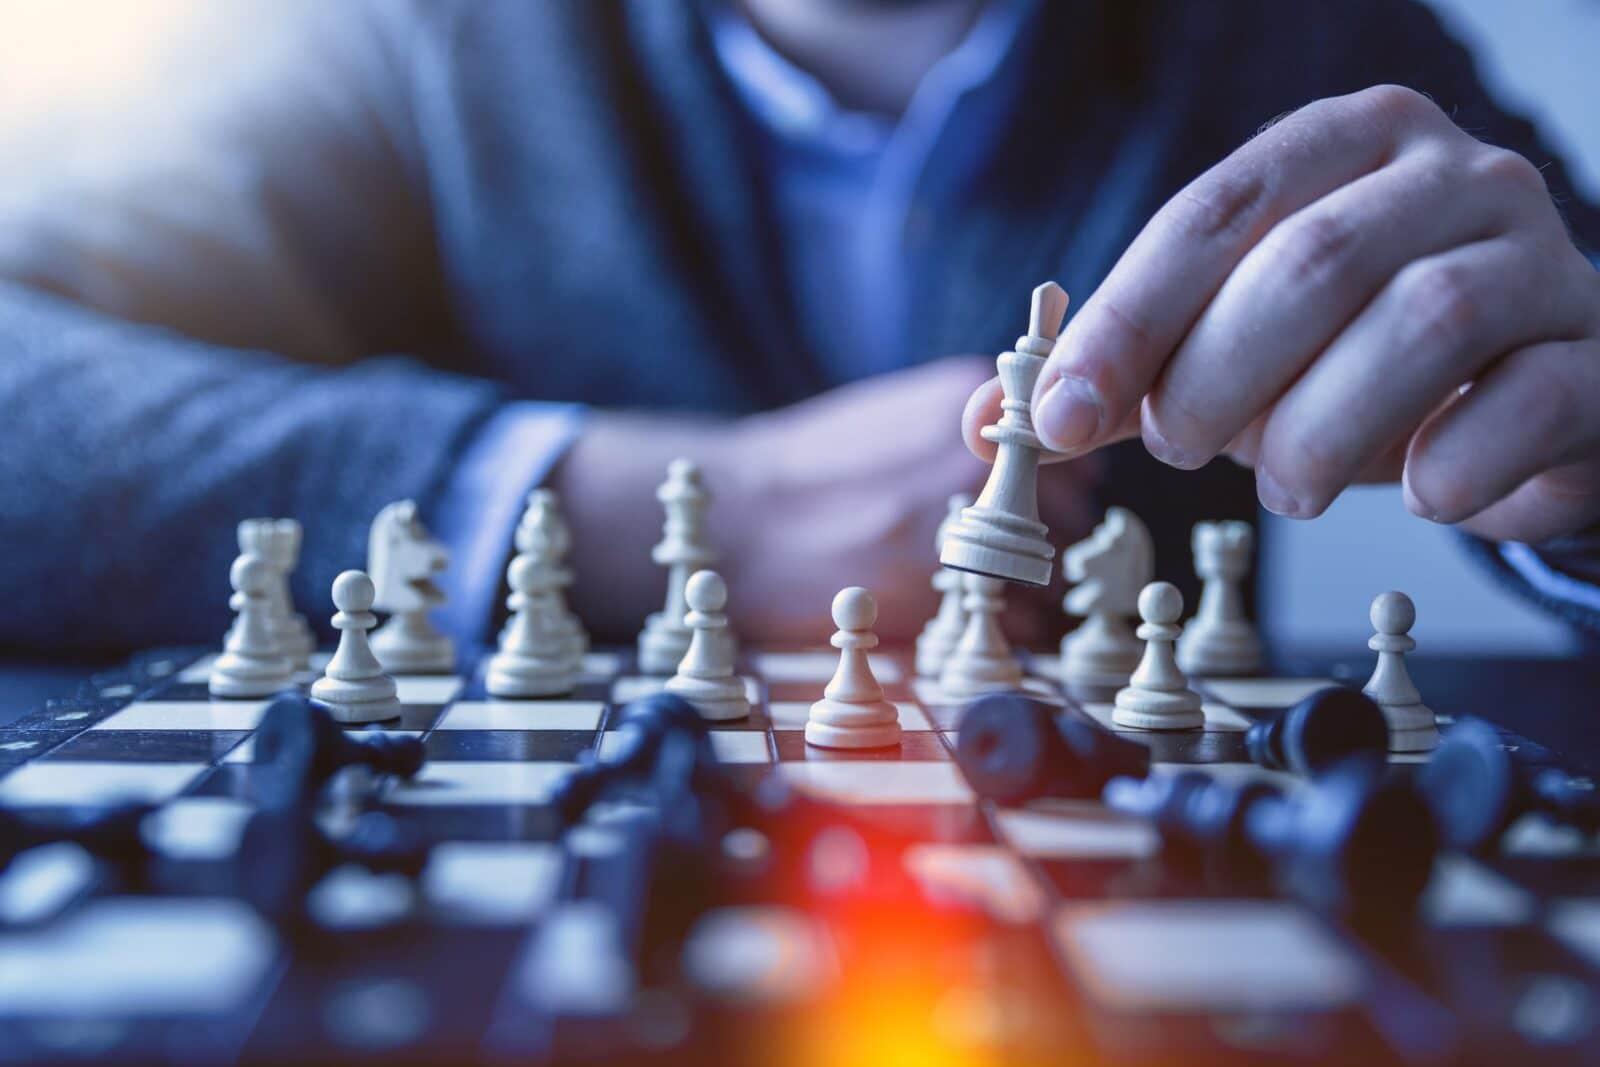 6 เทคนิคเจรจาต่อรอง สำหรับคนทำคอนเทนต์ ไว้ไปคุยงานกับลูกค้า ทำยังไงให้ลูกค้าเห็นค่า